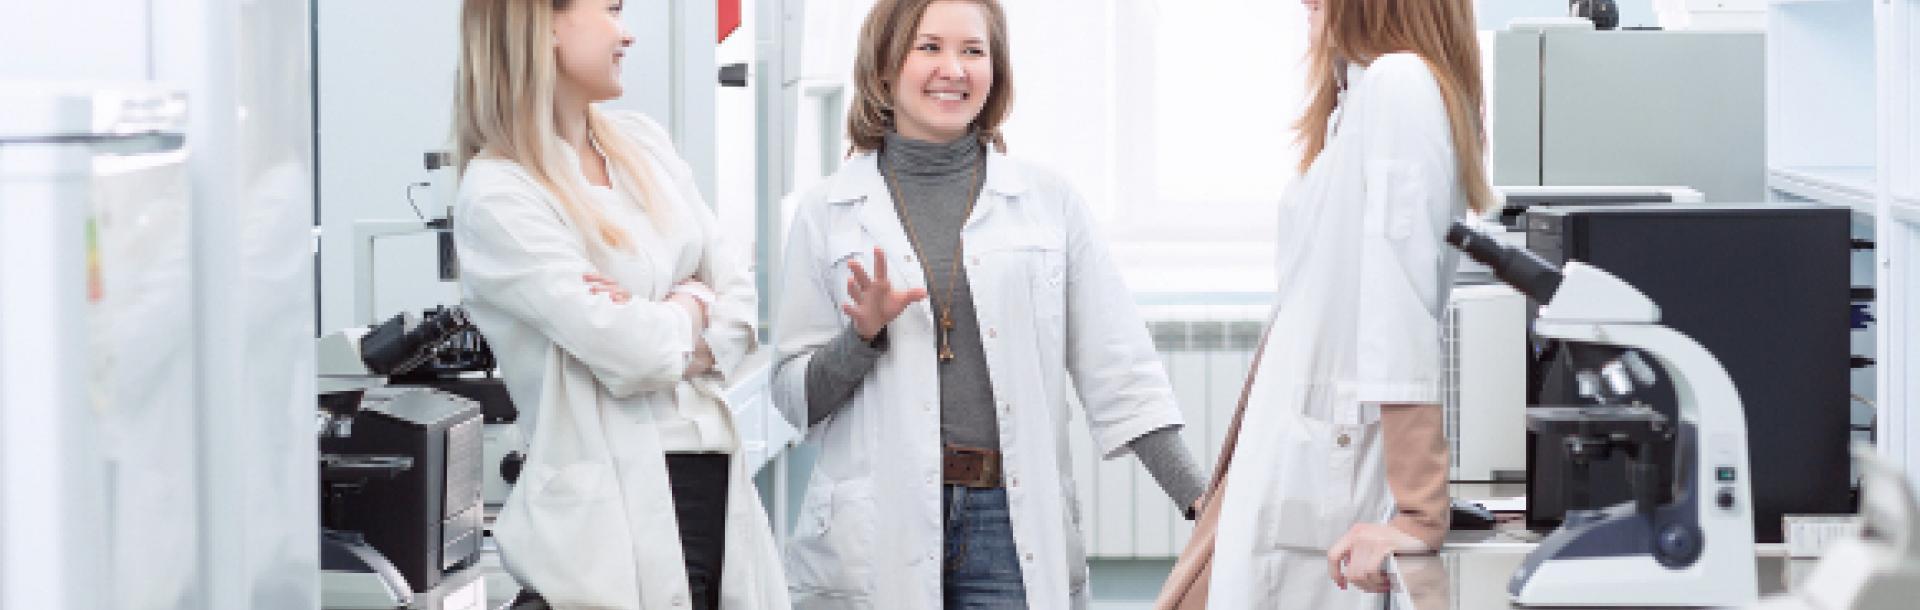 """ד""""ר גילי ביסקר הוזמנה לדבר על מחקרה, על ההישגים והאתגרים שלה בתחומי STEM"""